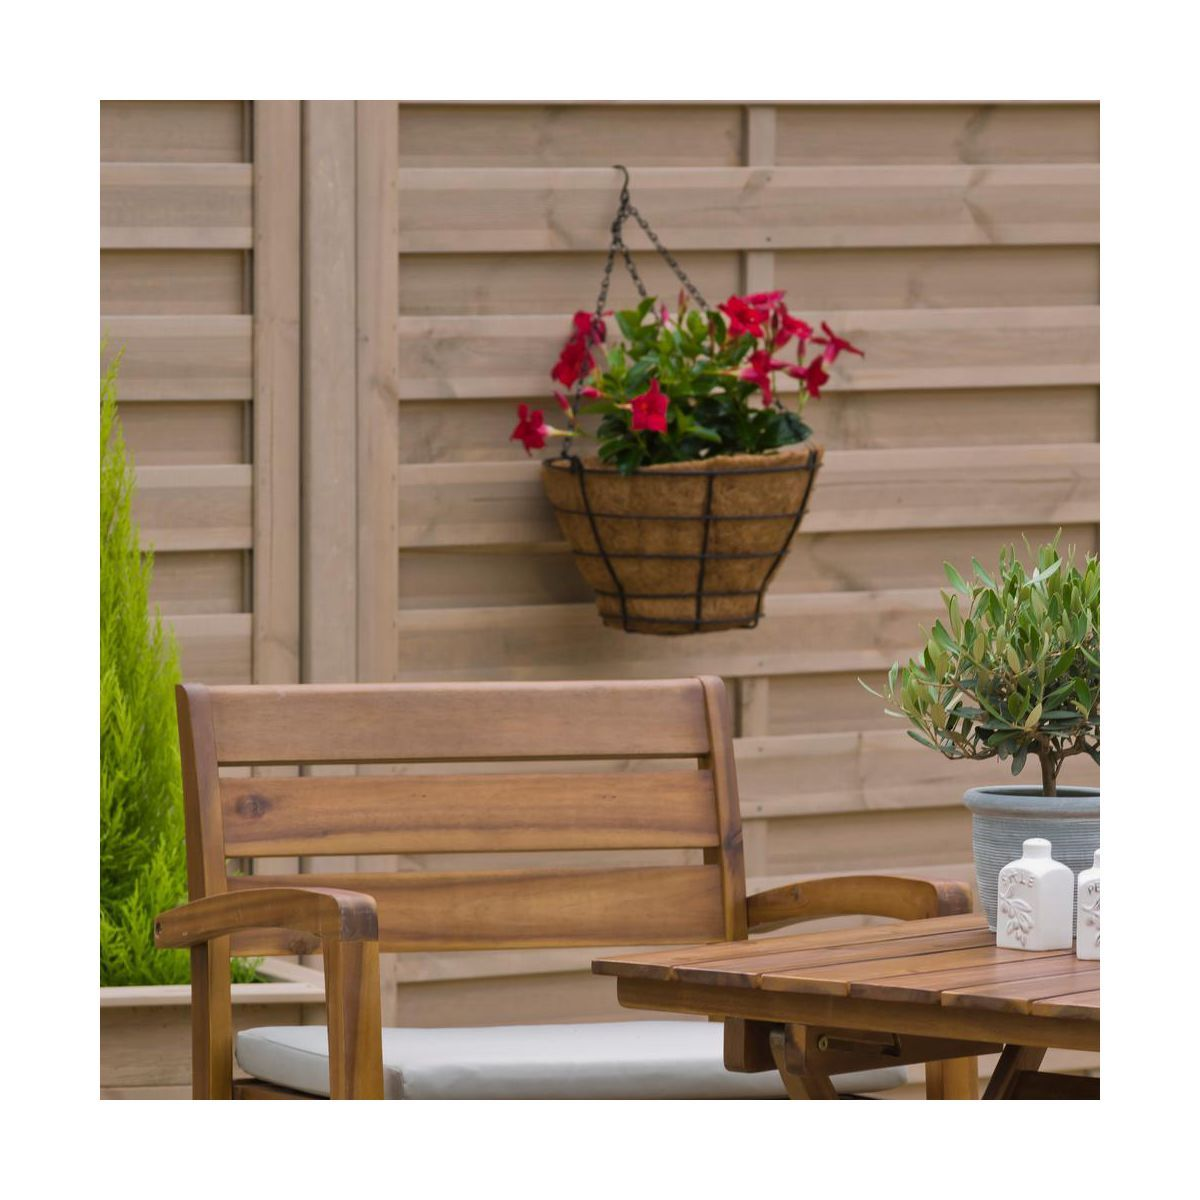 Donica Kosz Wiszacy Na Kwiaty Kd1 Decor Grindi Outdoor Furniture Sets Outdoor Furniture Outdoor Decor